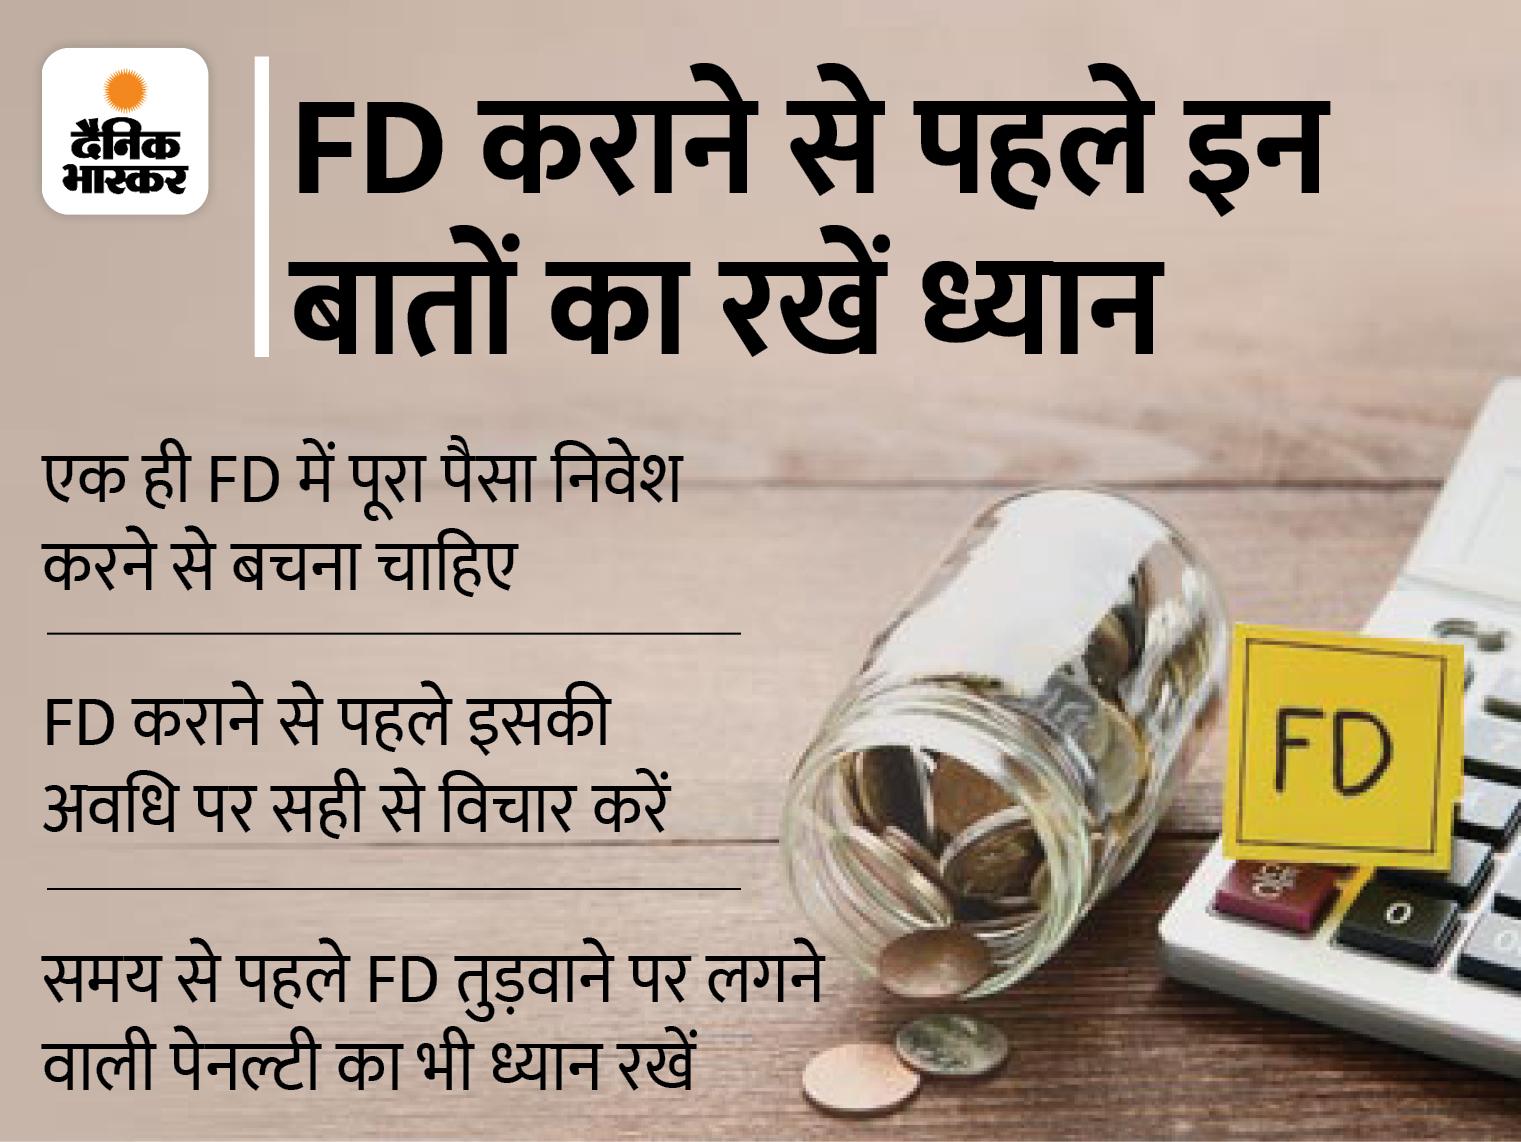 FD कराने से पहले अवधि और इस पर लगने वाले टैक्स सहित इन 6 बातों का रखें ध्यान, नहीं तो उठाना पड़ सकता है नुकसान|बिजनेस,Business - Dainik Bhaskar